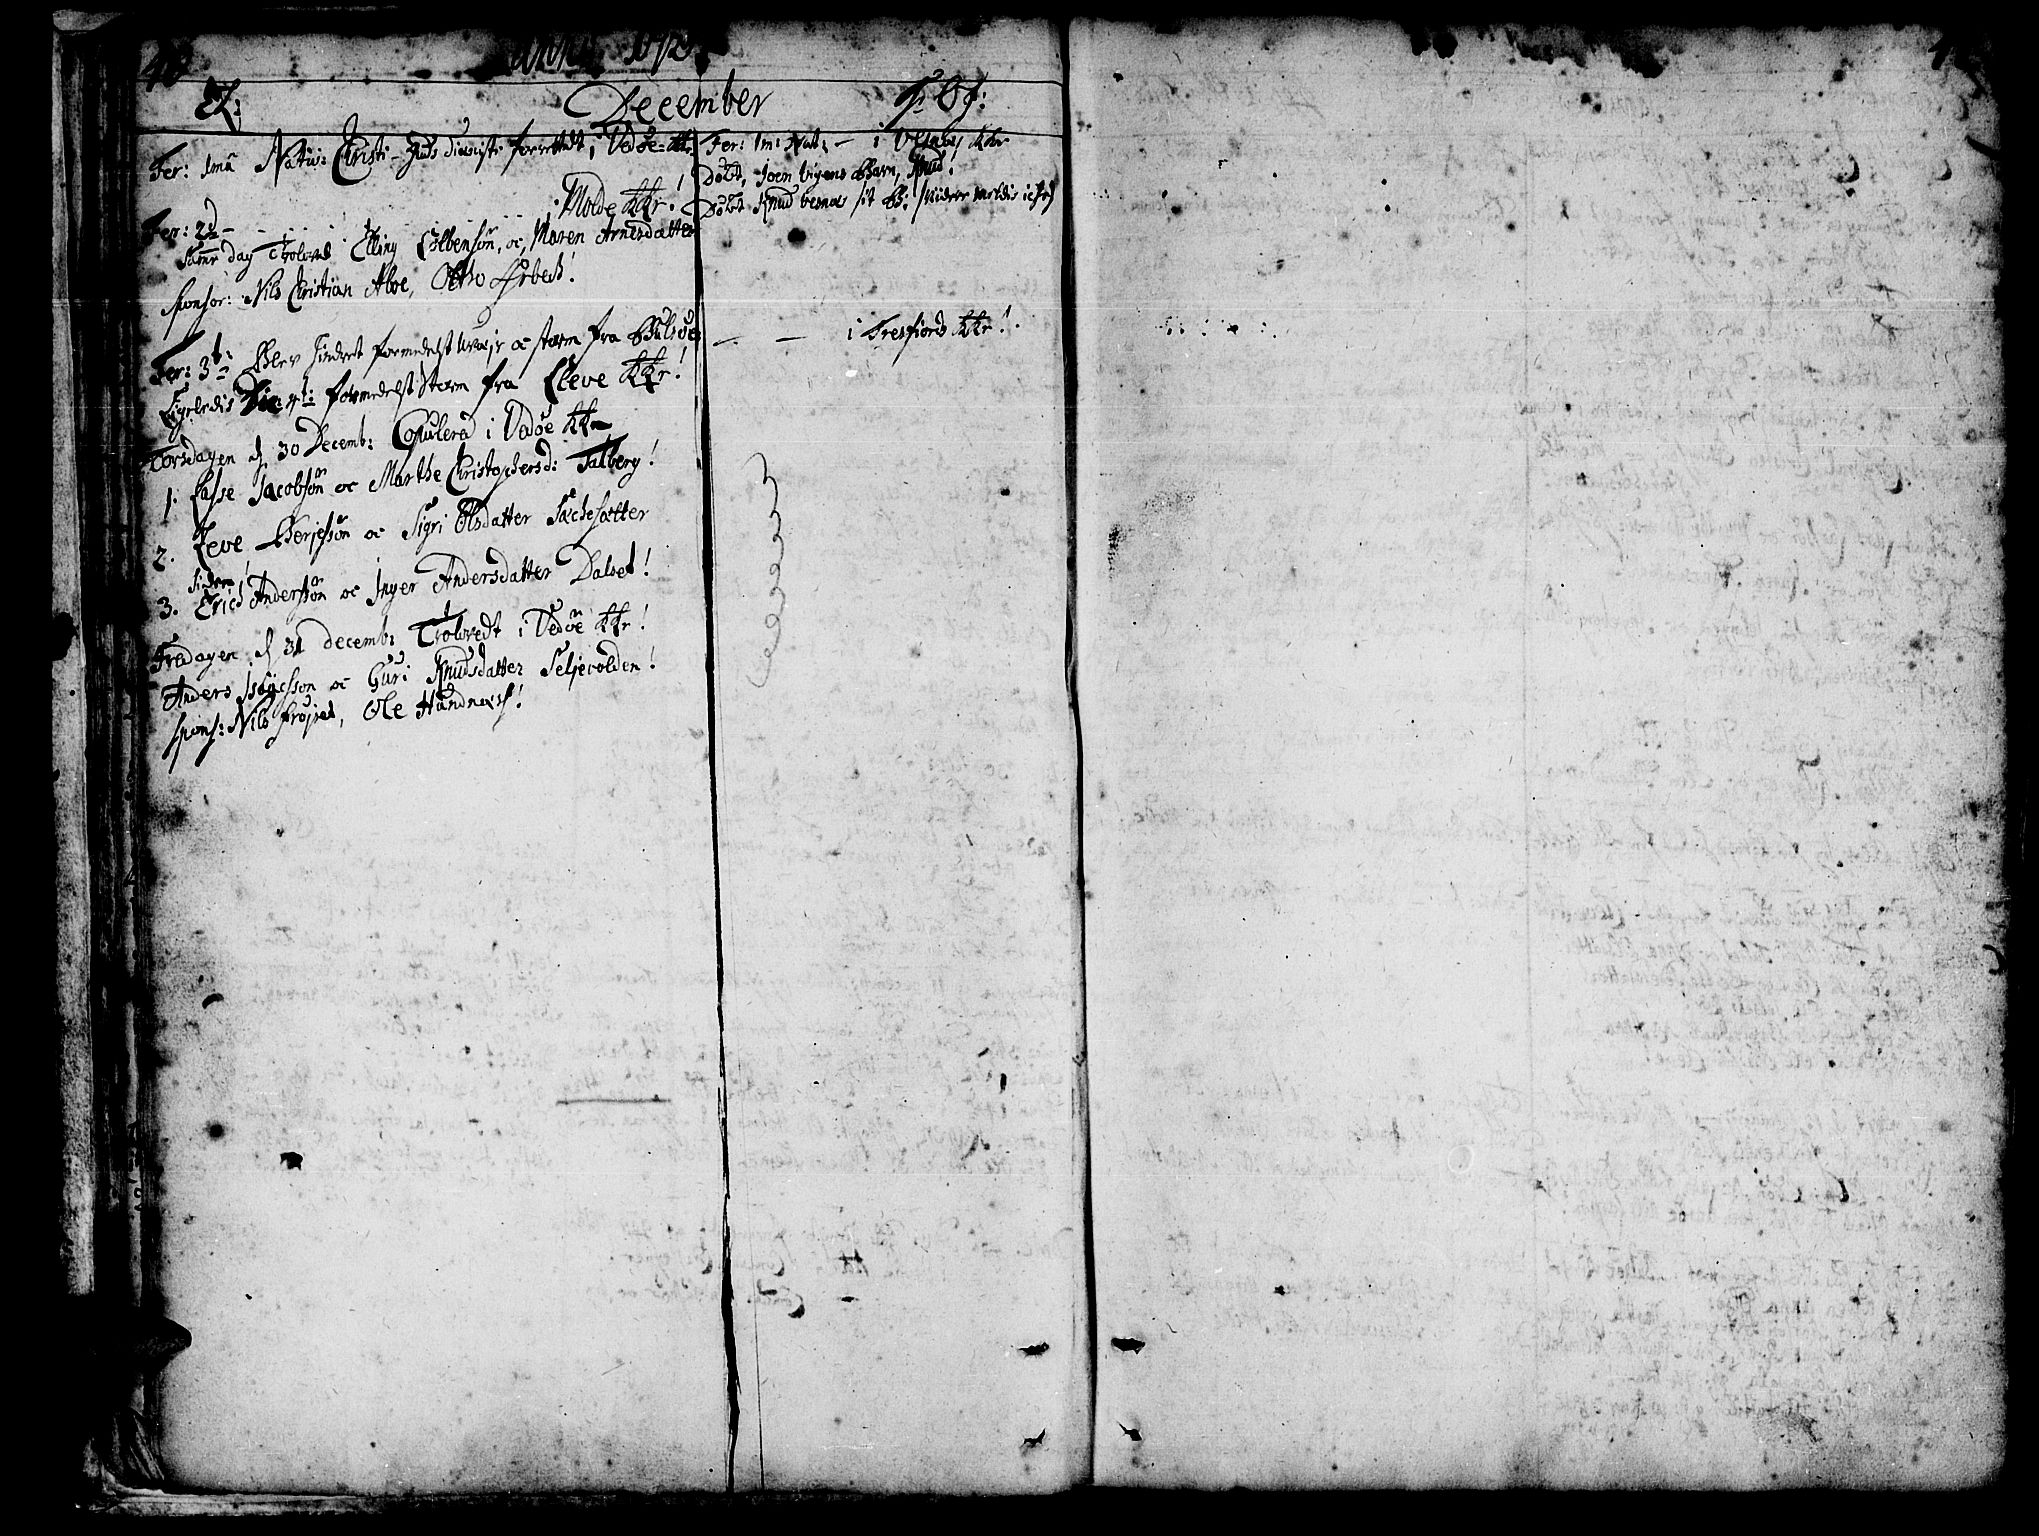 SAT, Ministerialprotokoller, klokkerbøker og fødselsregistre - Møre og Romsdal, 547/L0599: Parish register (official) no. 547A01, 1721-1764, p. 42-43